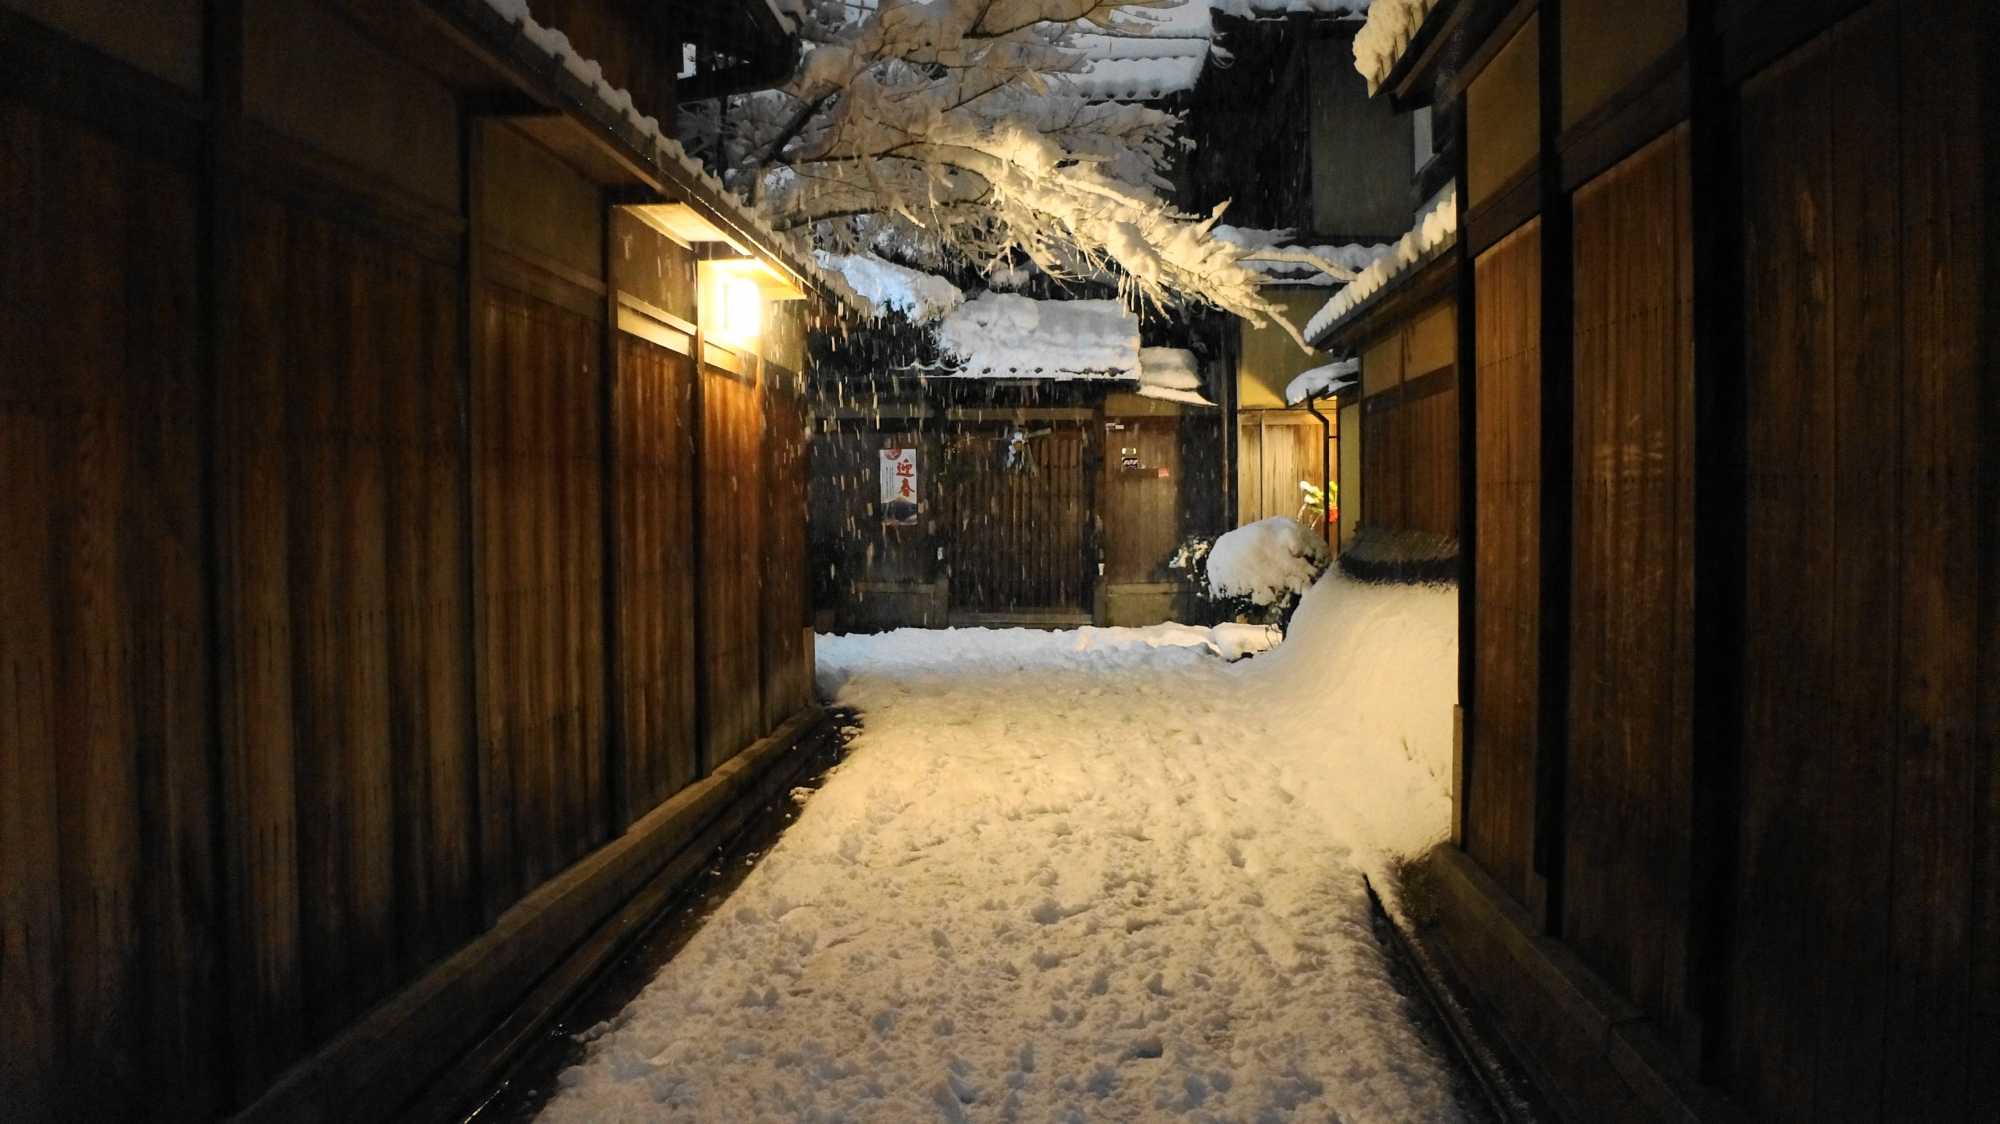 雪につつまれた風情ある独特の細道と空間